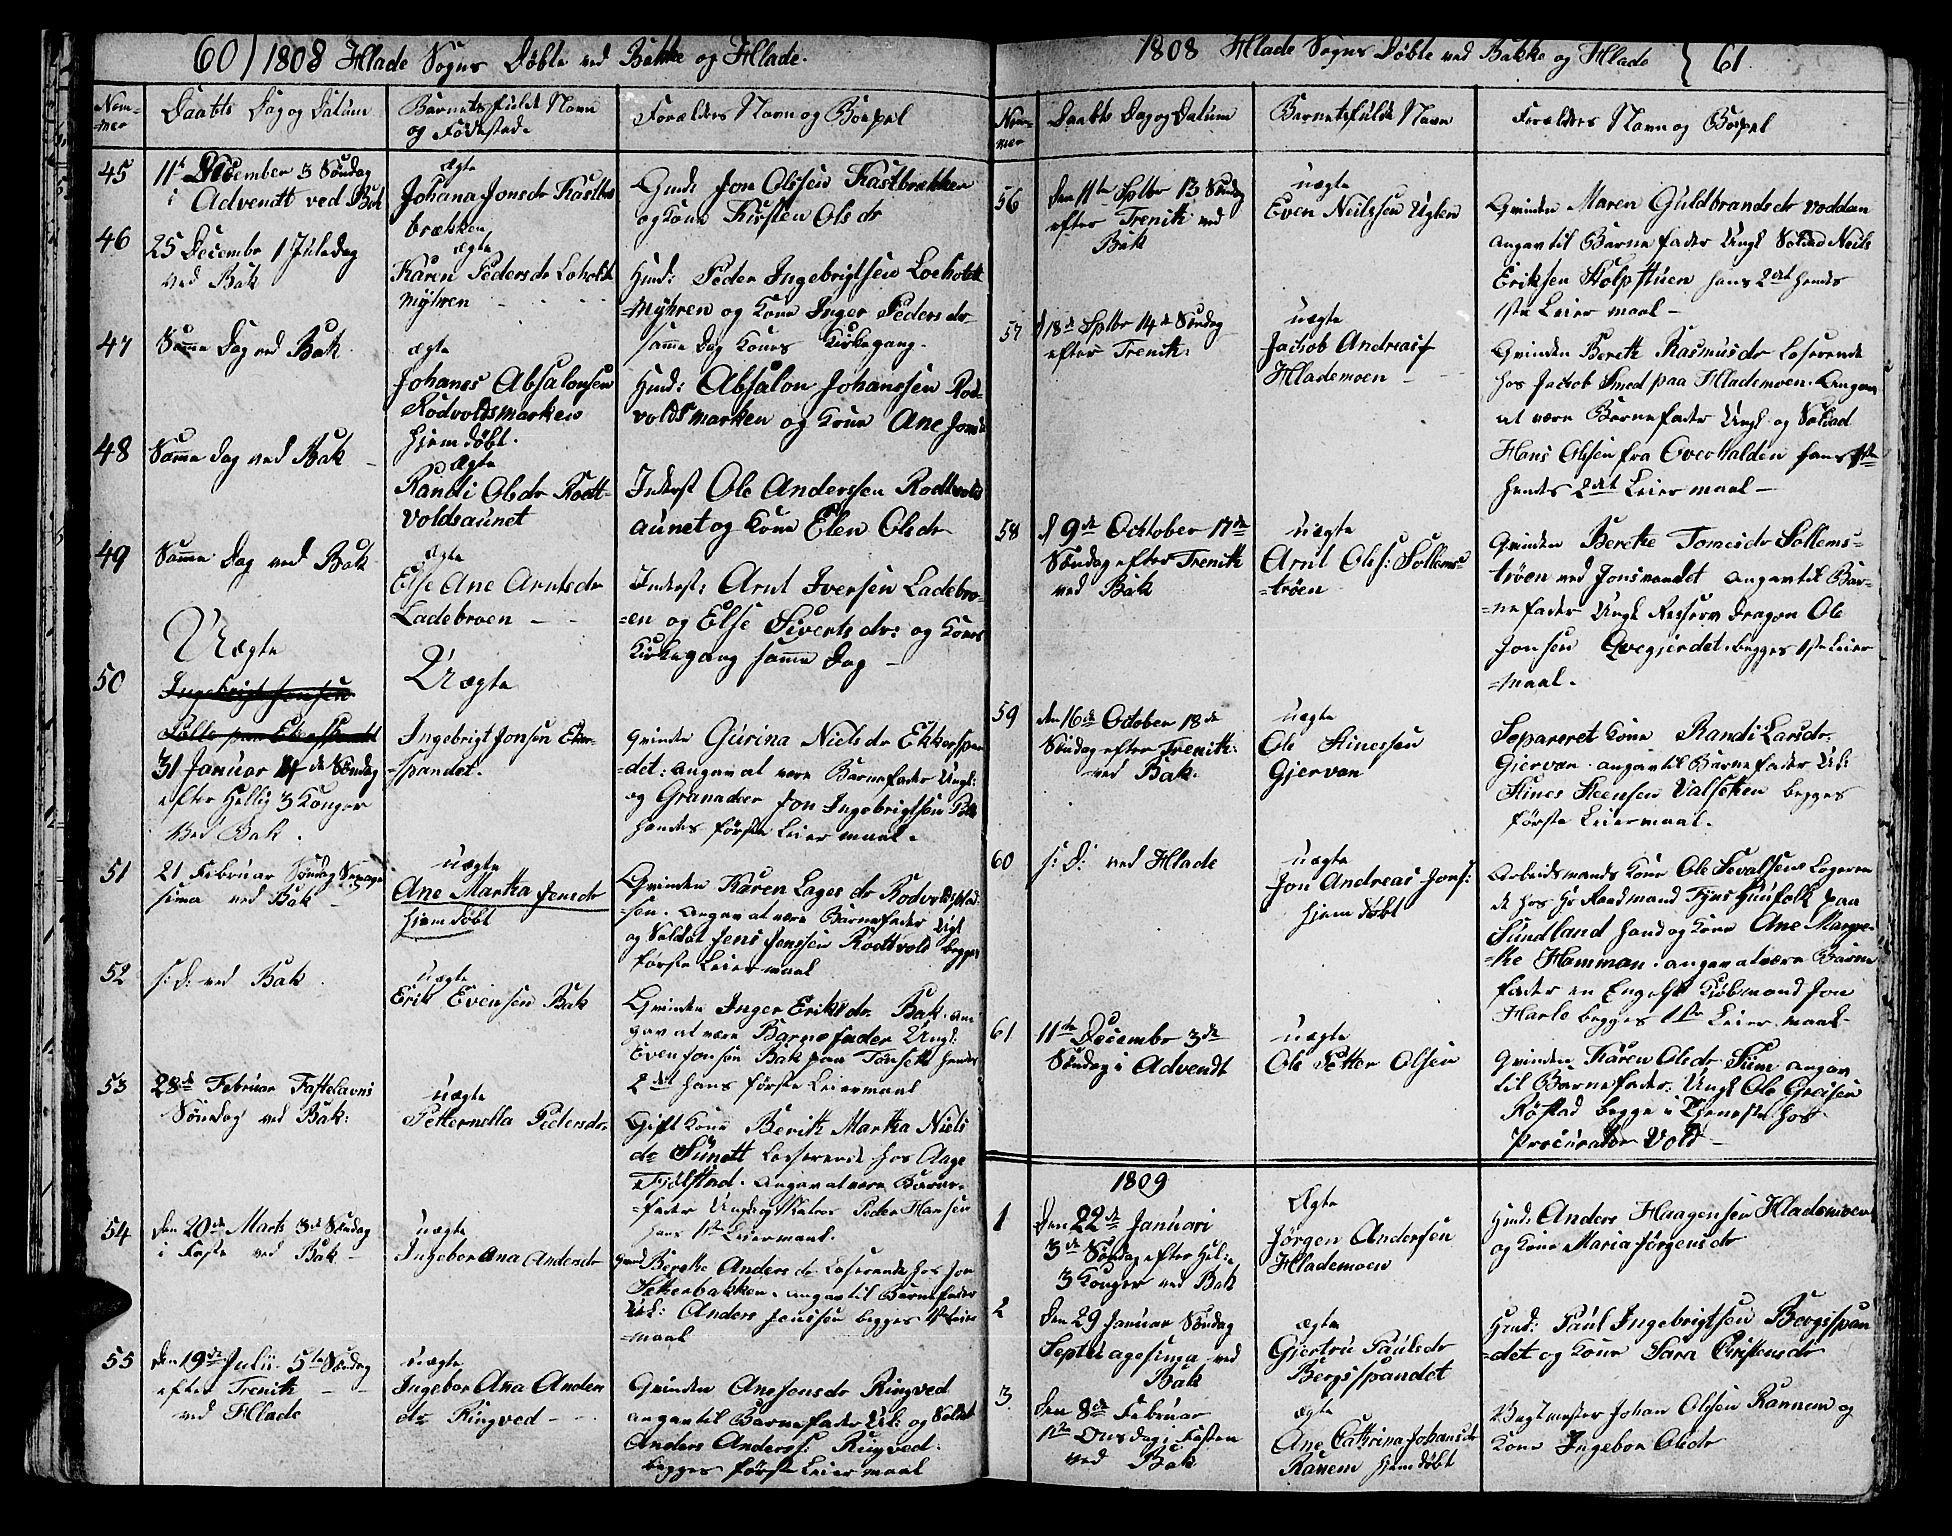 SAT, Ministerialprotokoller, klokkerbøker og fødselsregistre - Sør-Trøndelag, 606/L0306: Klokkerbok nr. 606C02, 1797-1829, s. 60-61